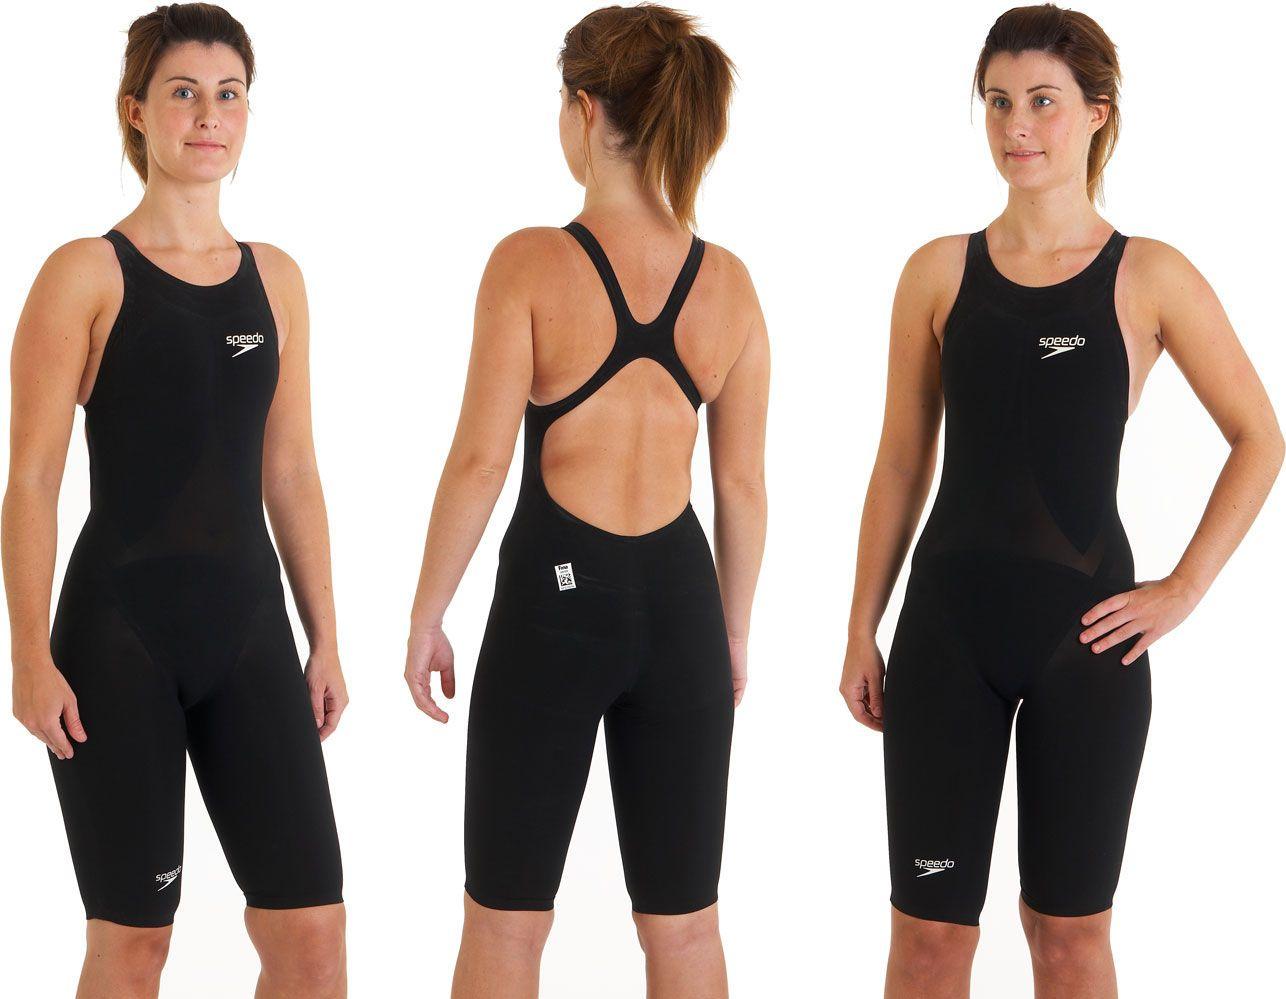 0c63c18dc trajes de baño para natacion mujer speedo - Buscar con Google